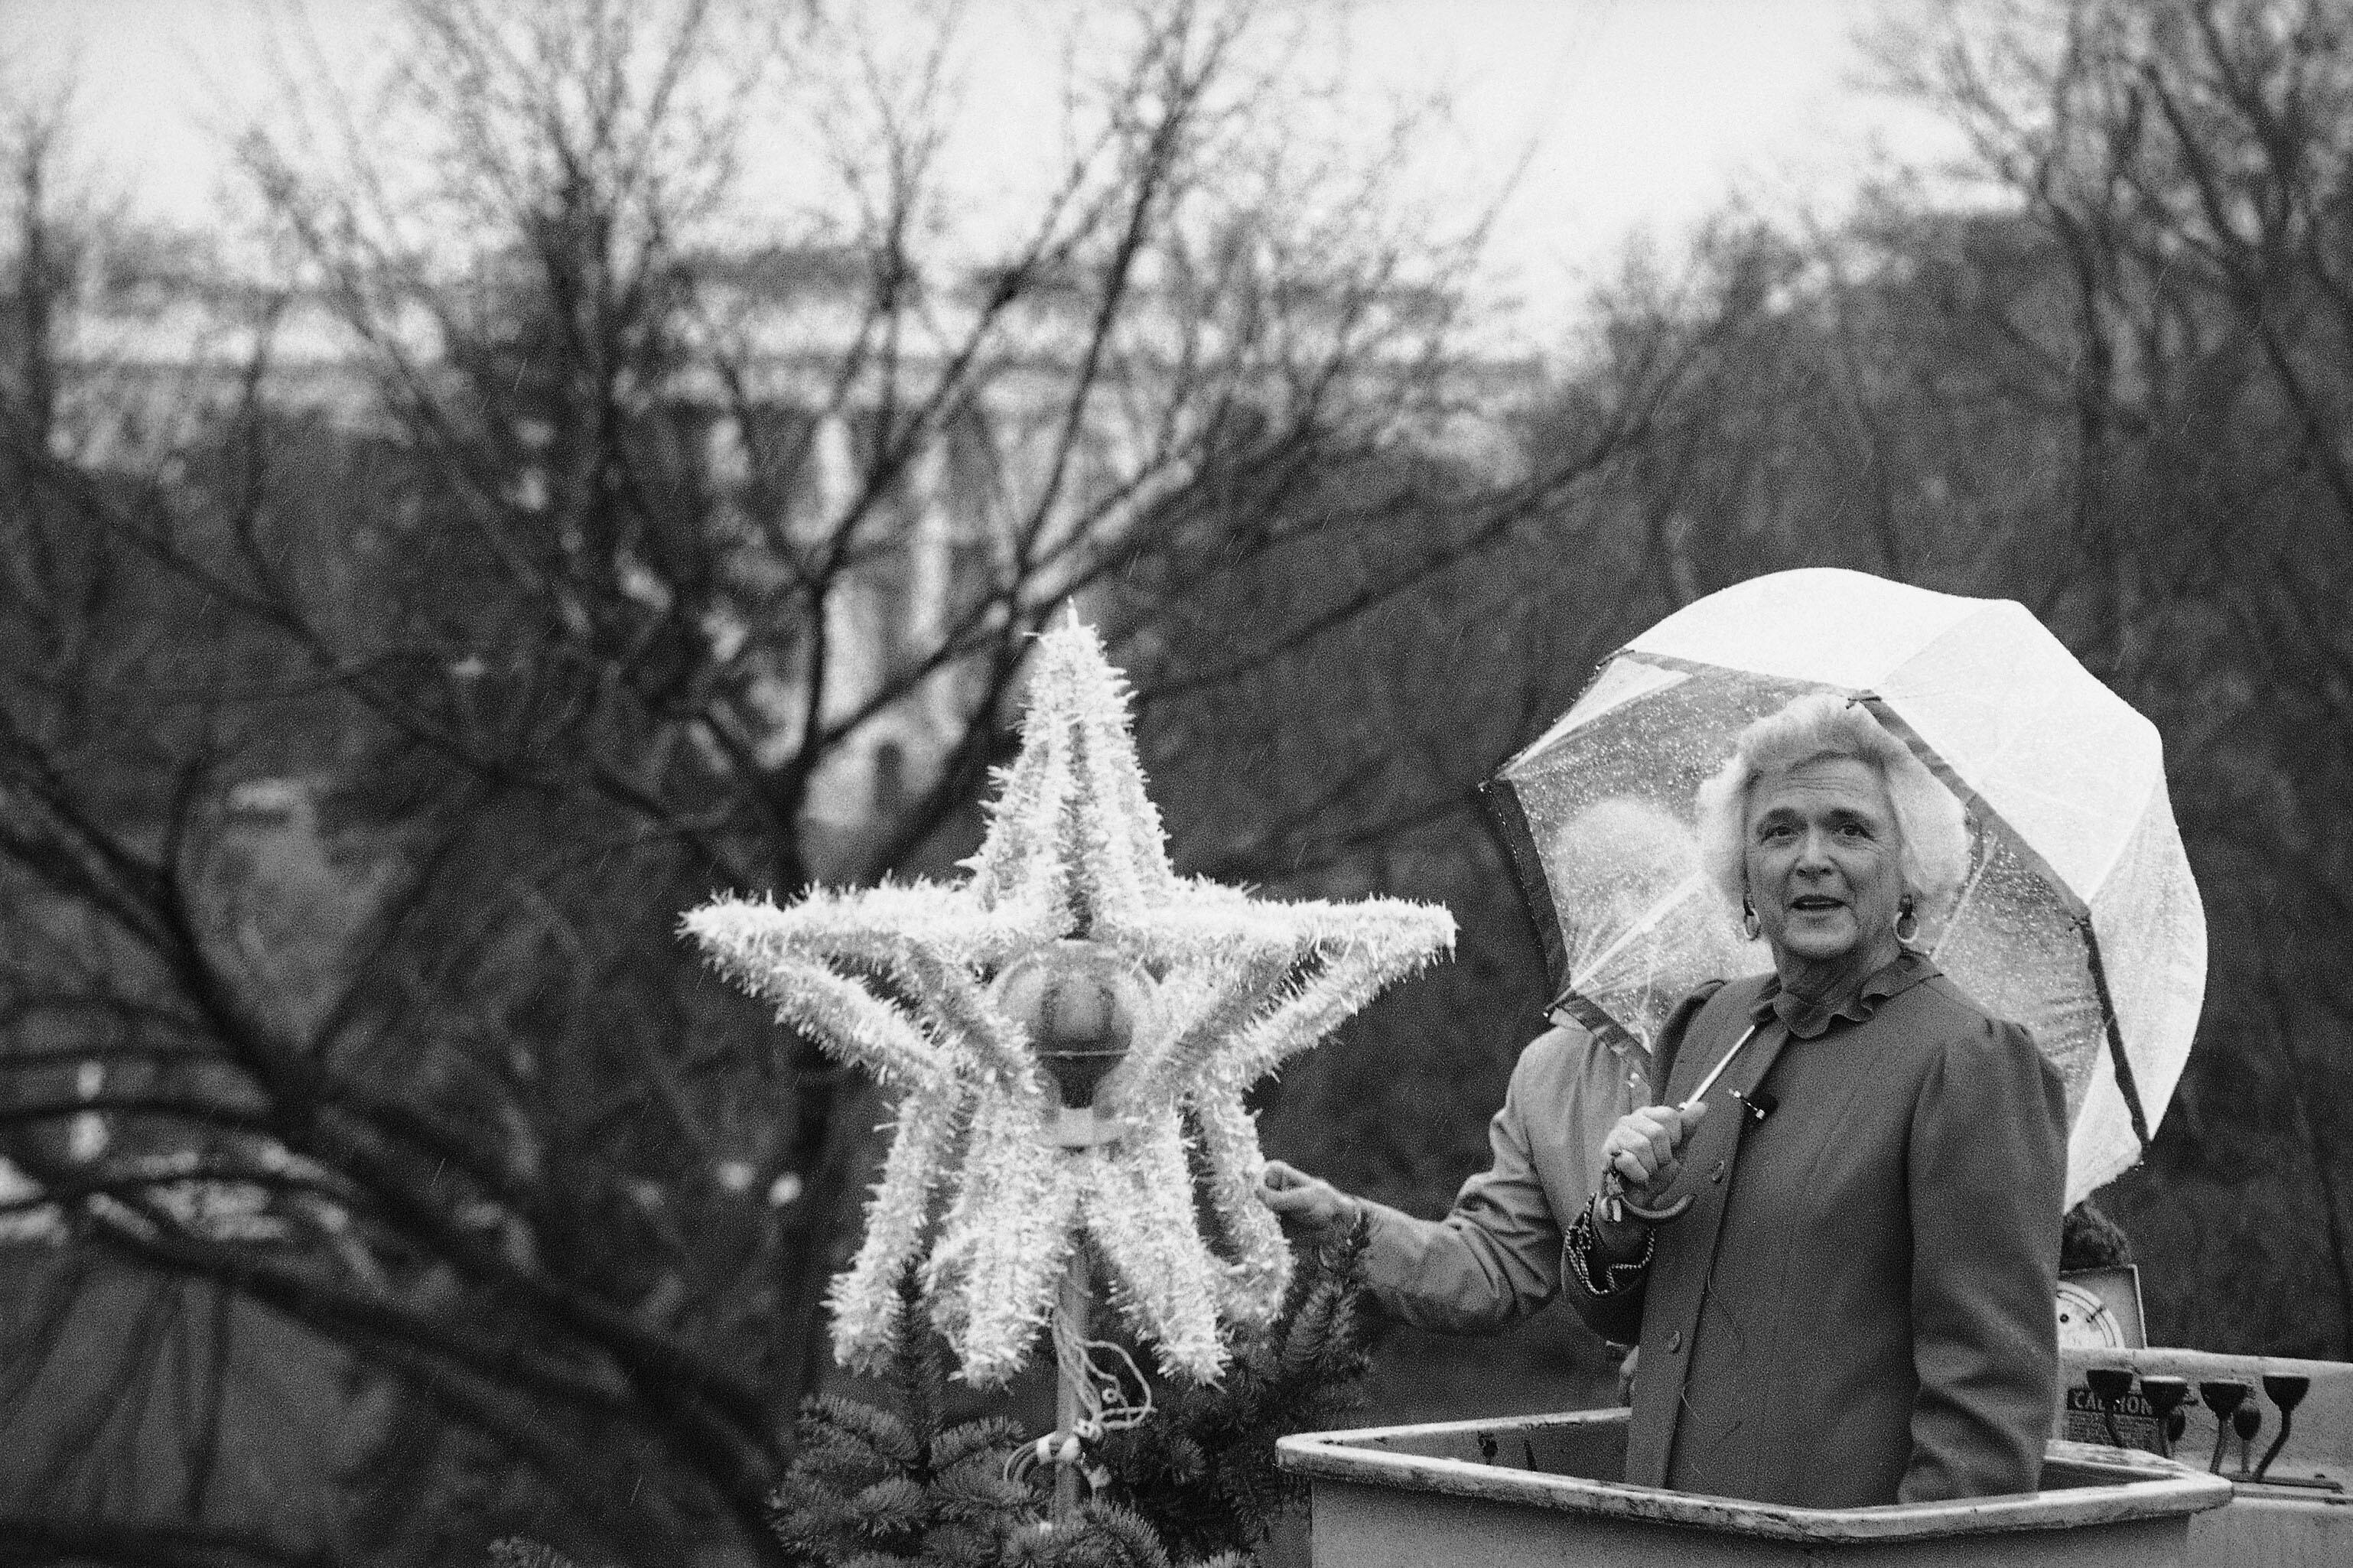 芭芭拉布什国家圣诞树